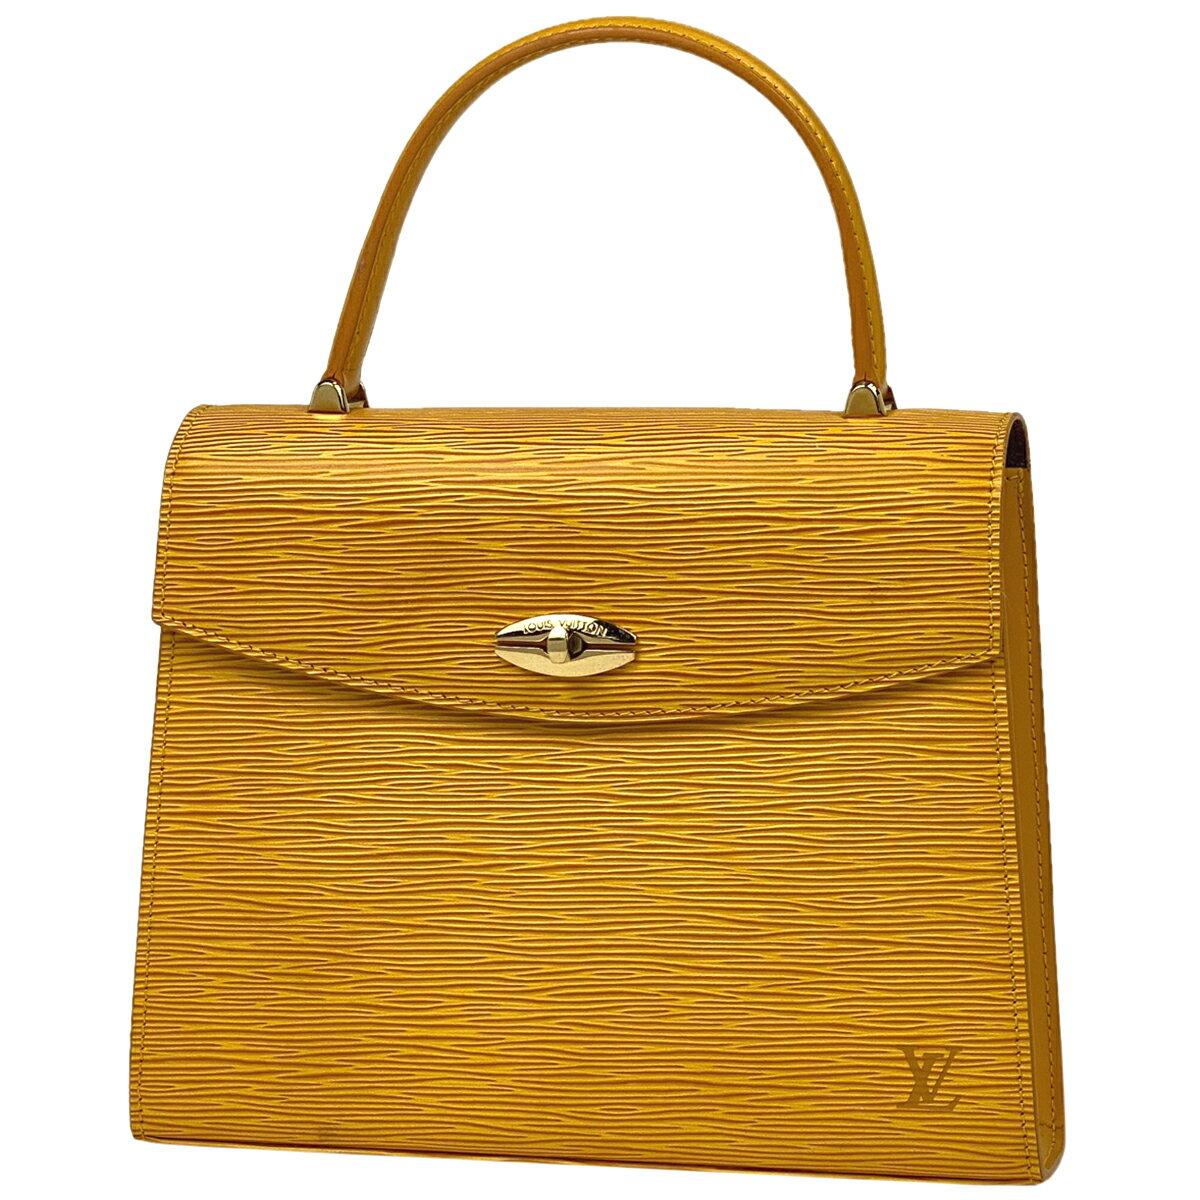 レディースバッグ, ハンドバッグ  Louis Vuitton M52379